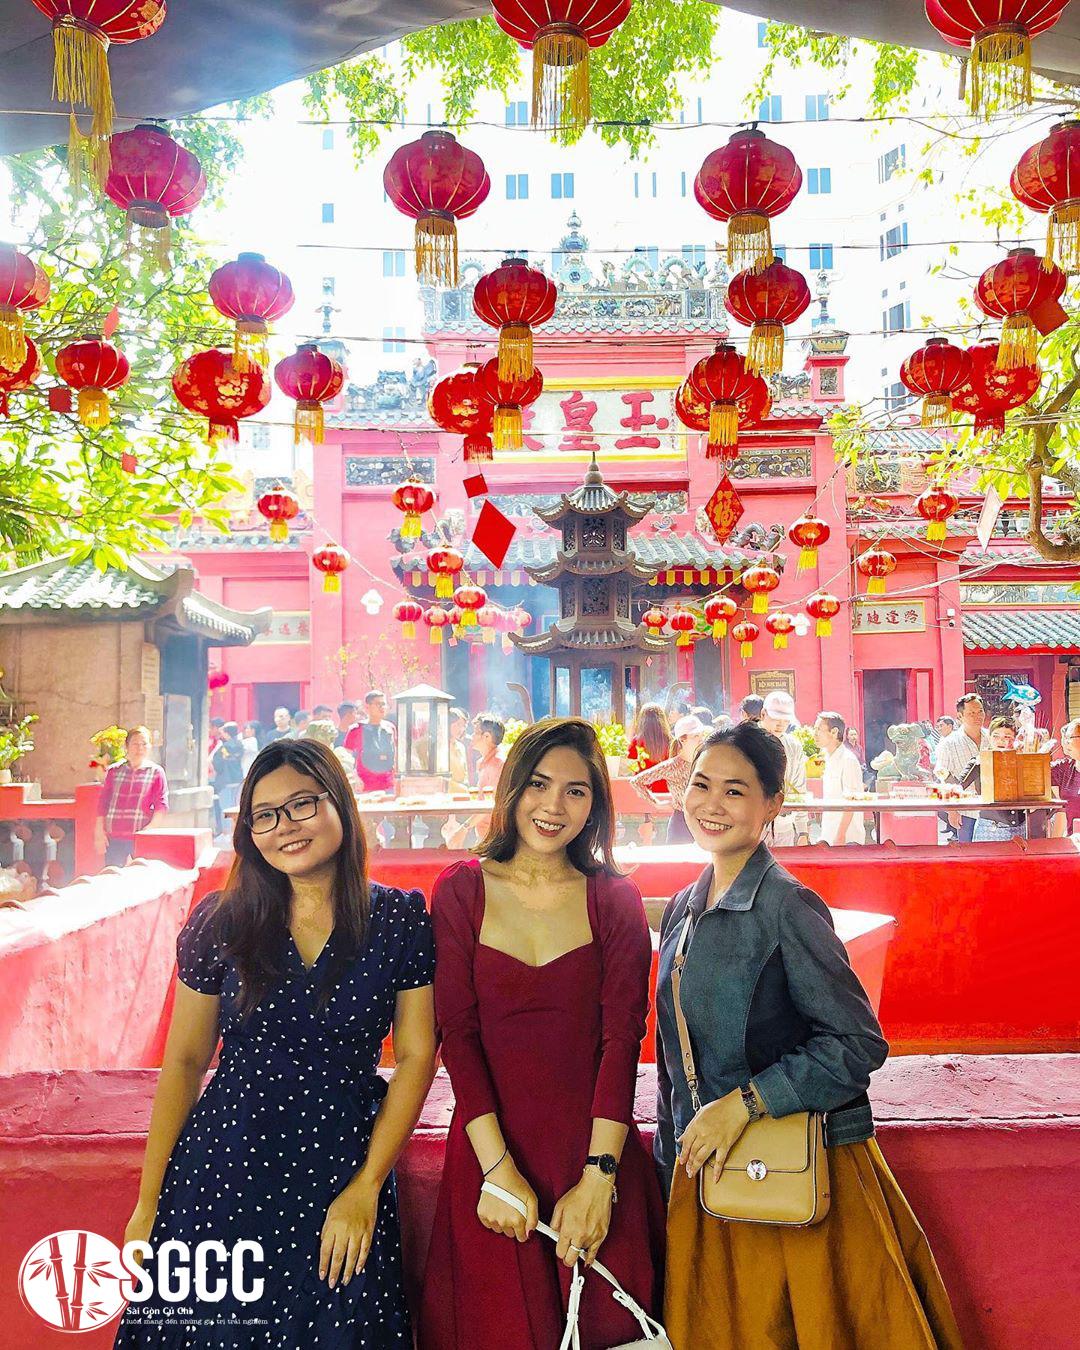 7 ngôi chùa cầu duyên nổi tiếng tại Việt Nam